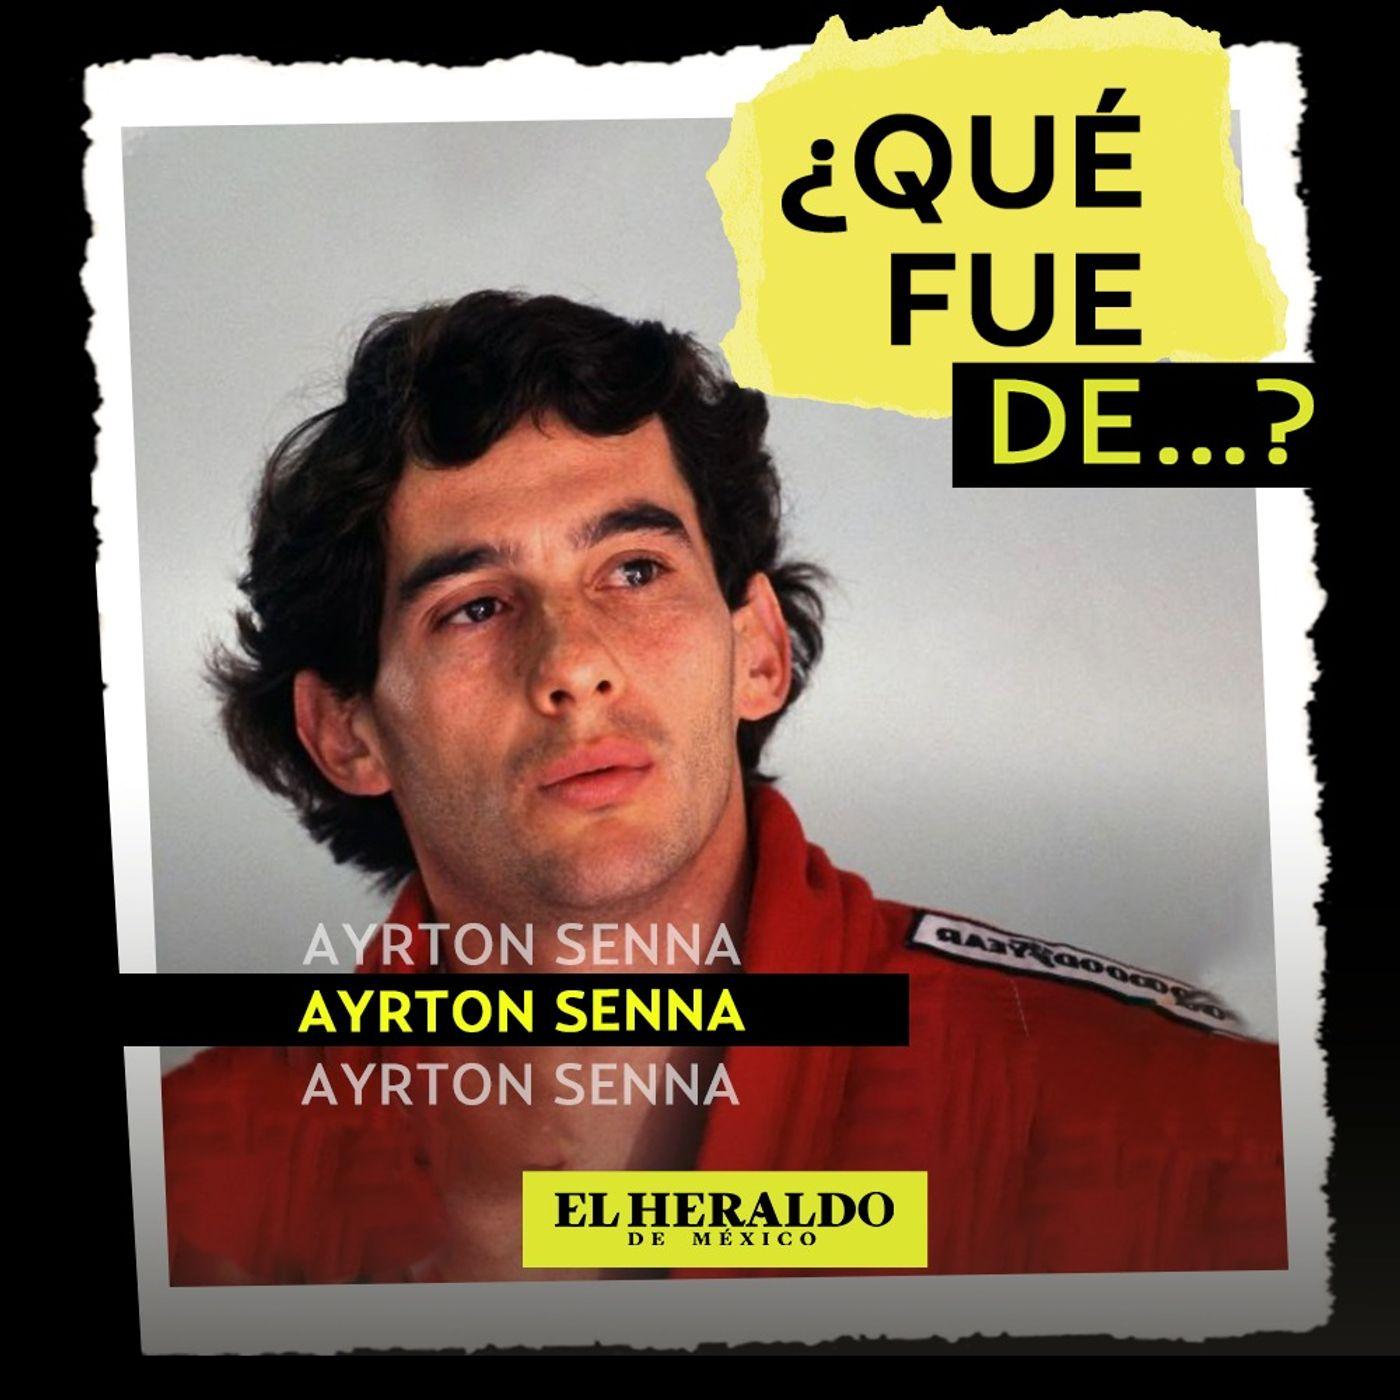 ¿Qué fue de... ? Ayrton Senna